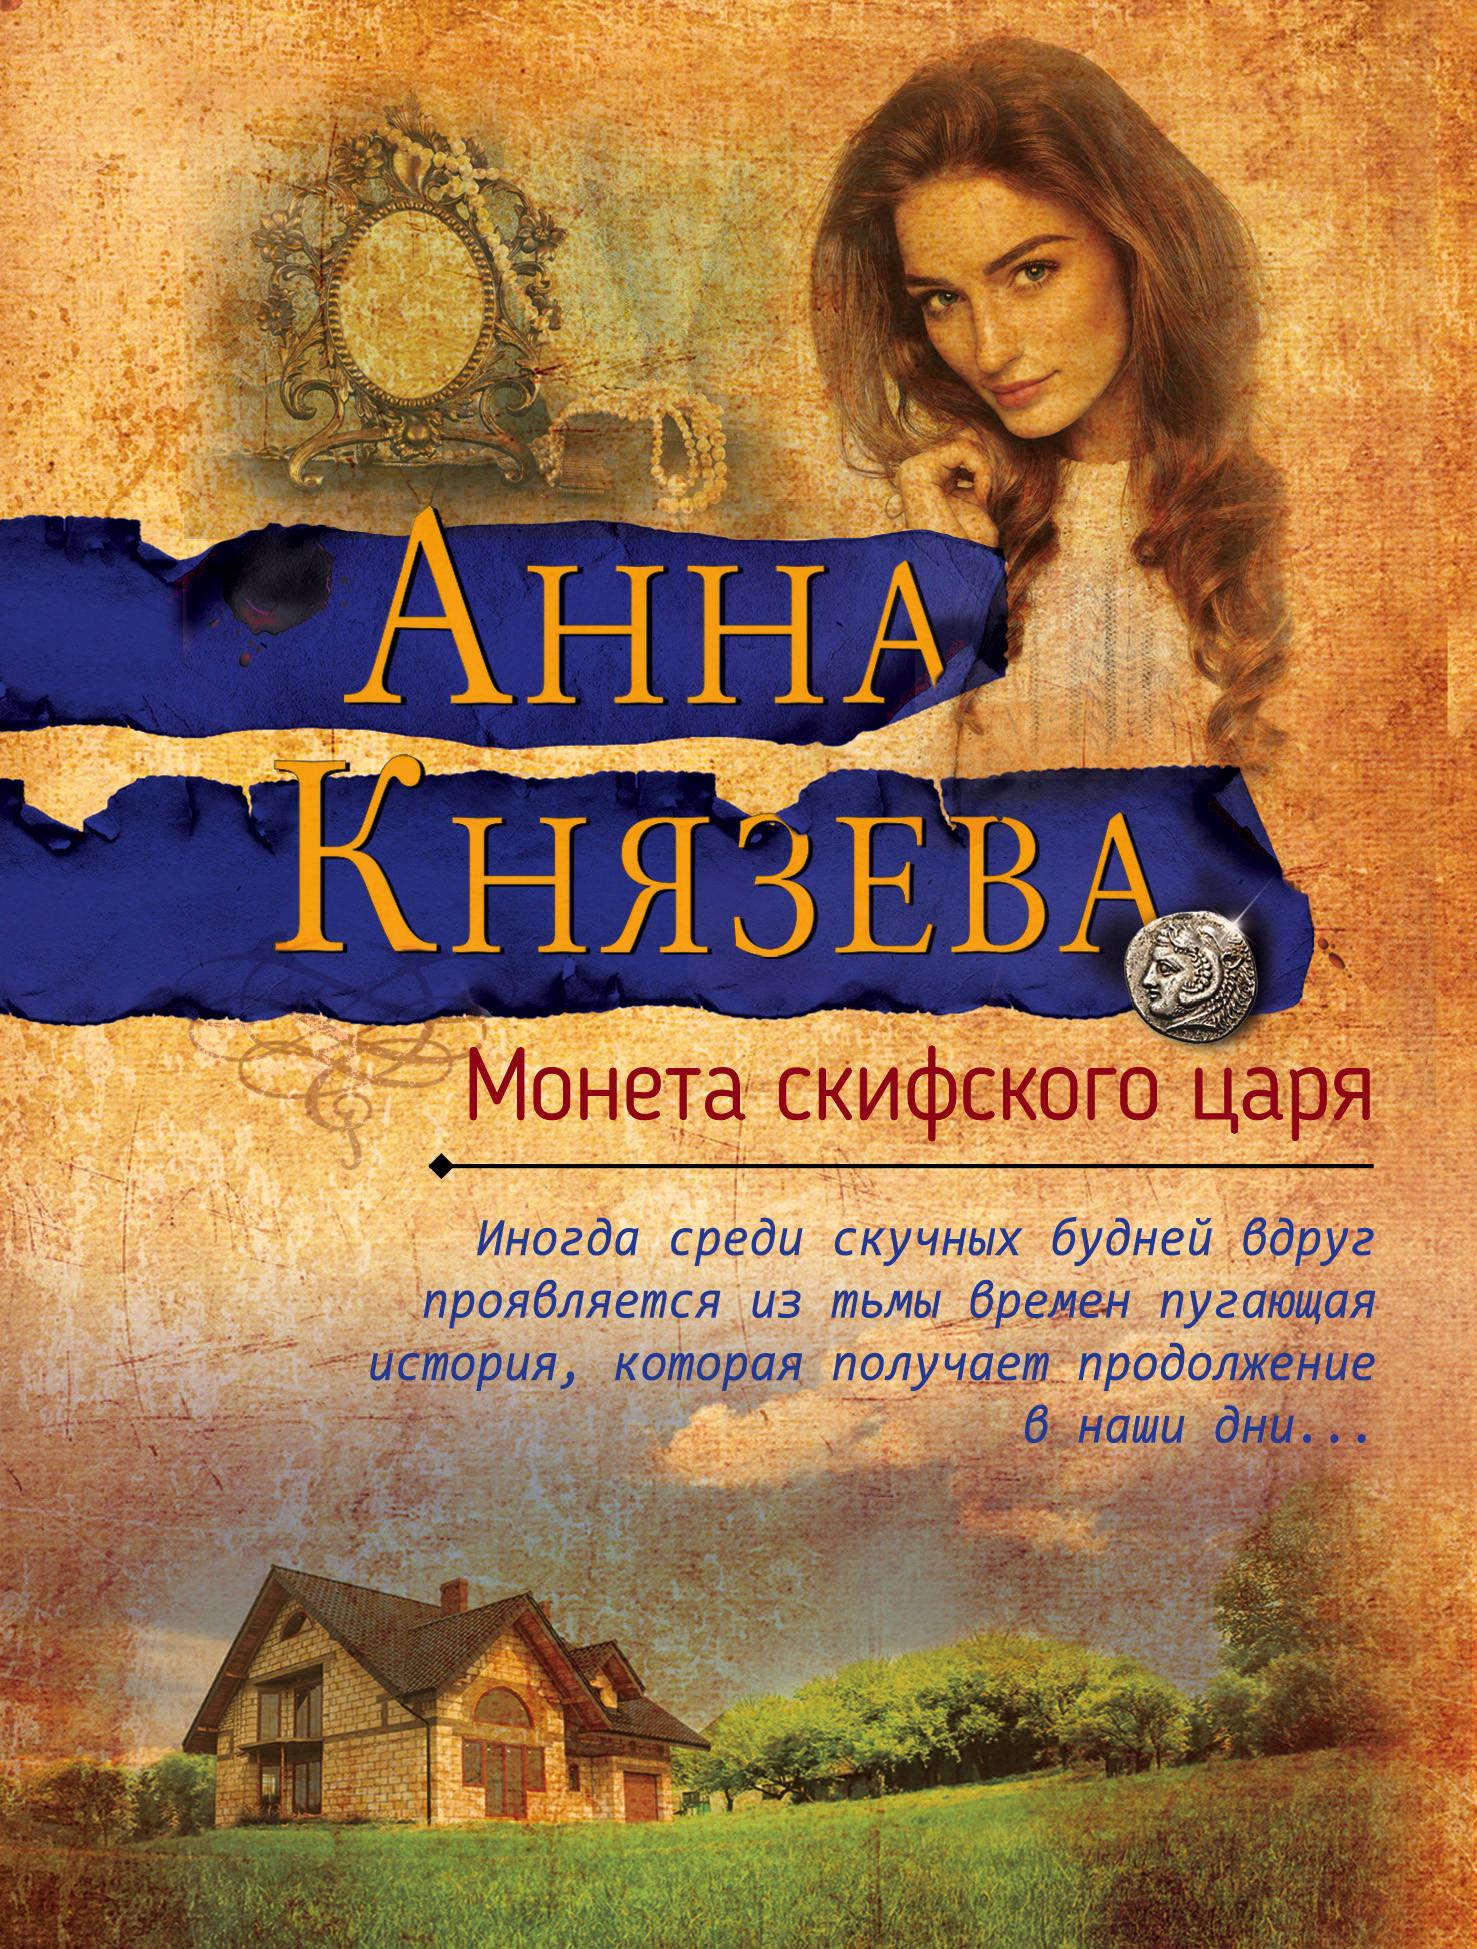 Moneta skifskogo tsarja